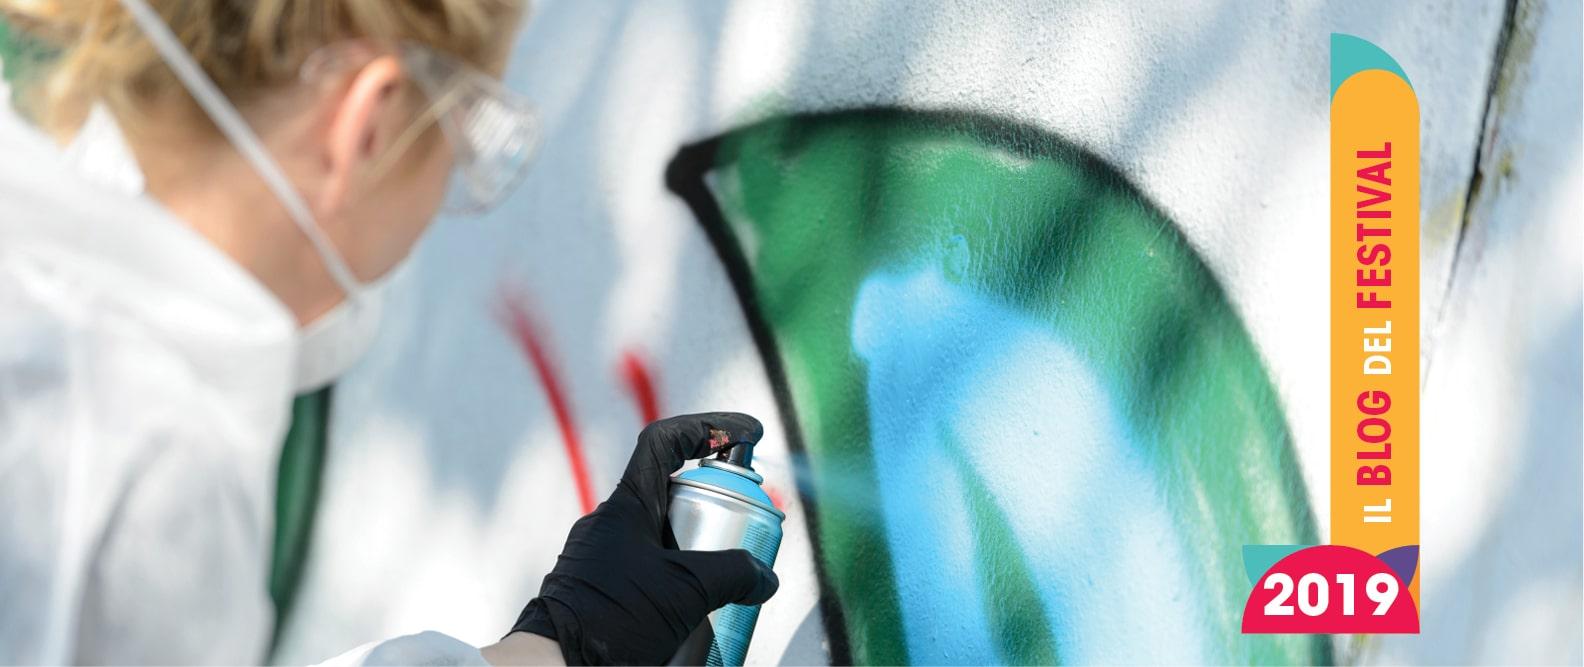 Da STEM a STEAM, bombolette spray e cineprese a San Pietro in Casale